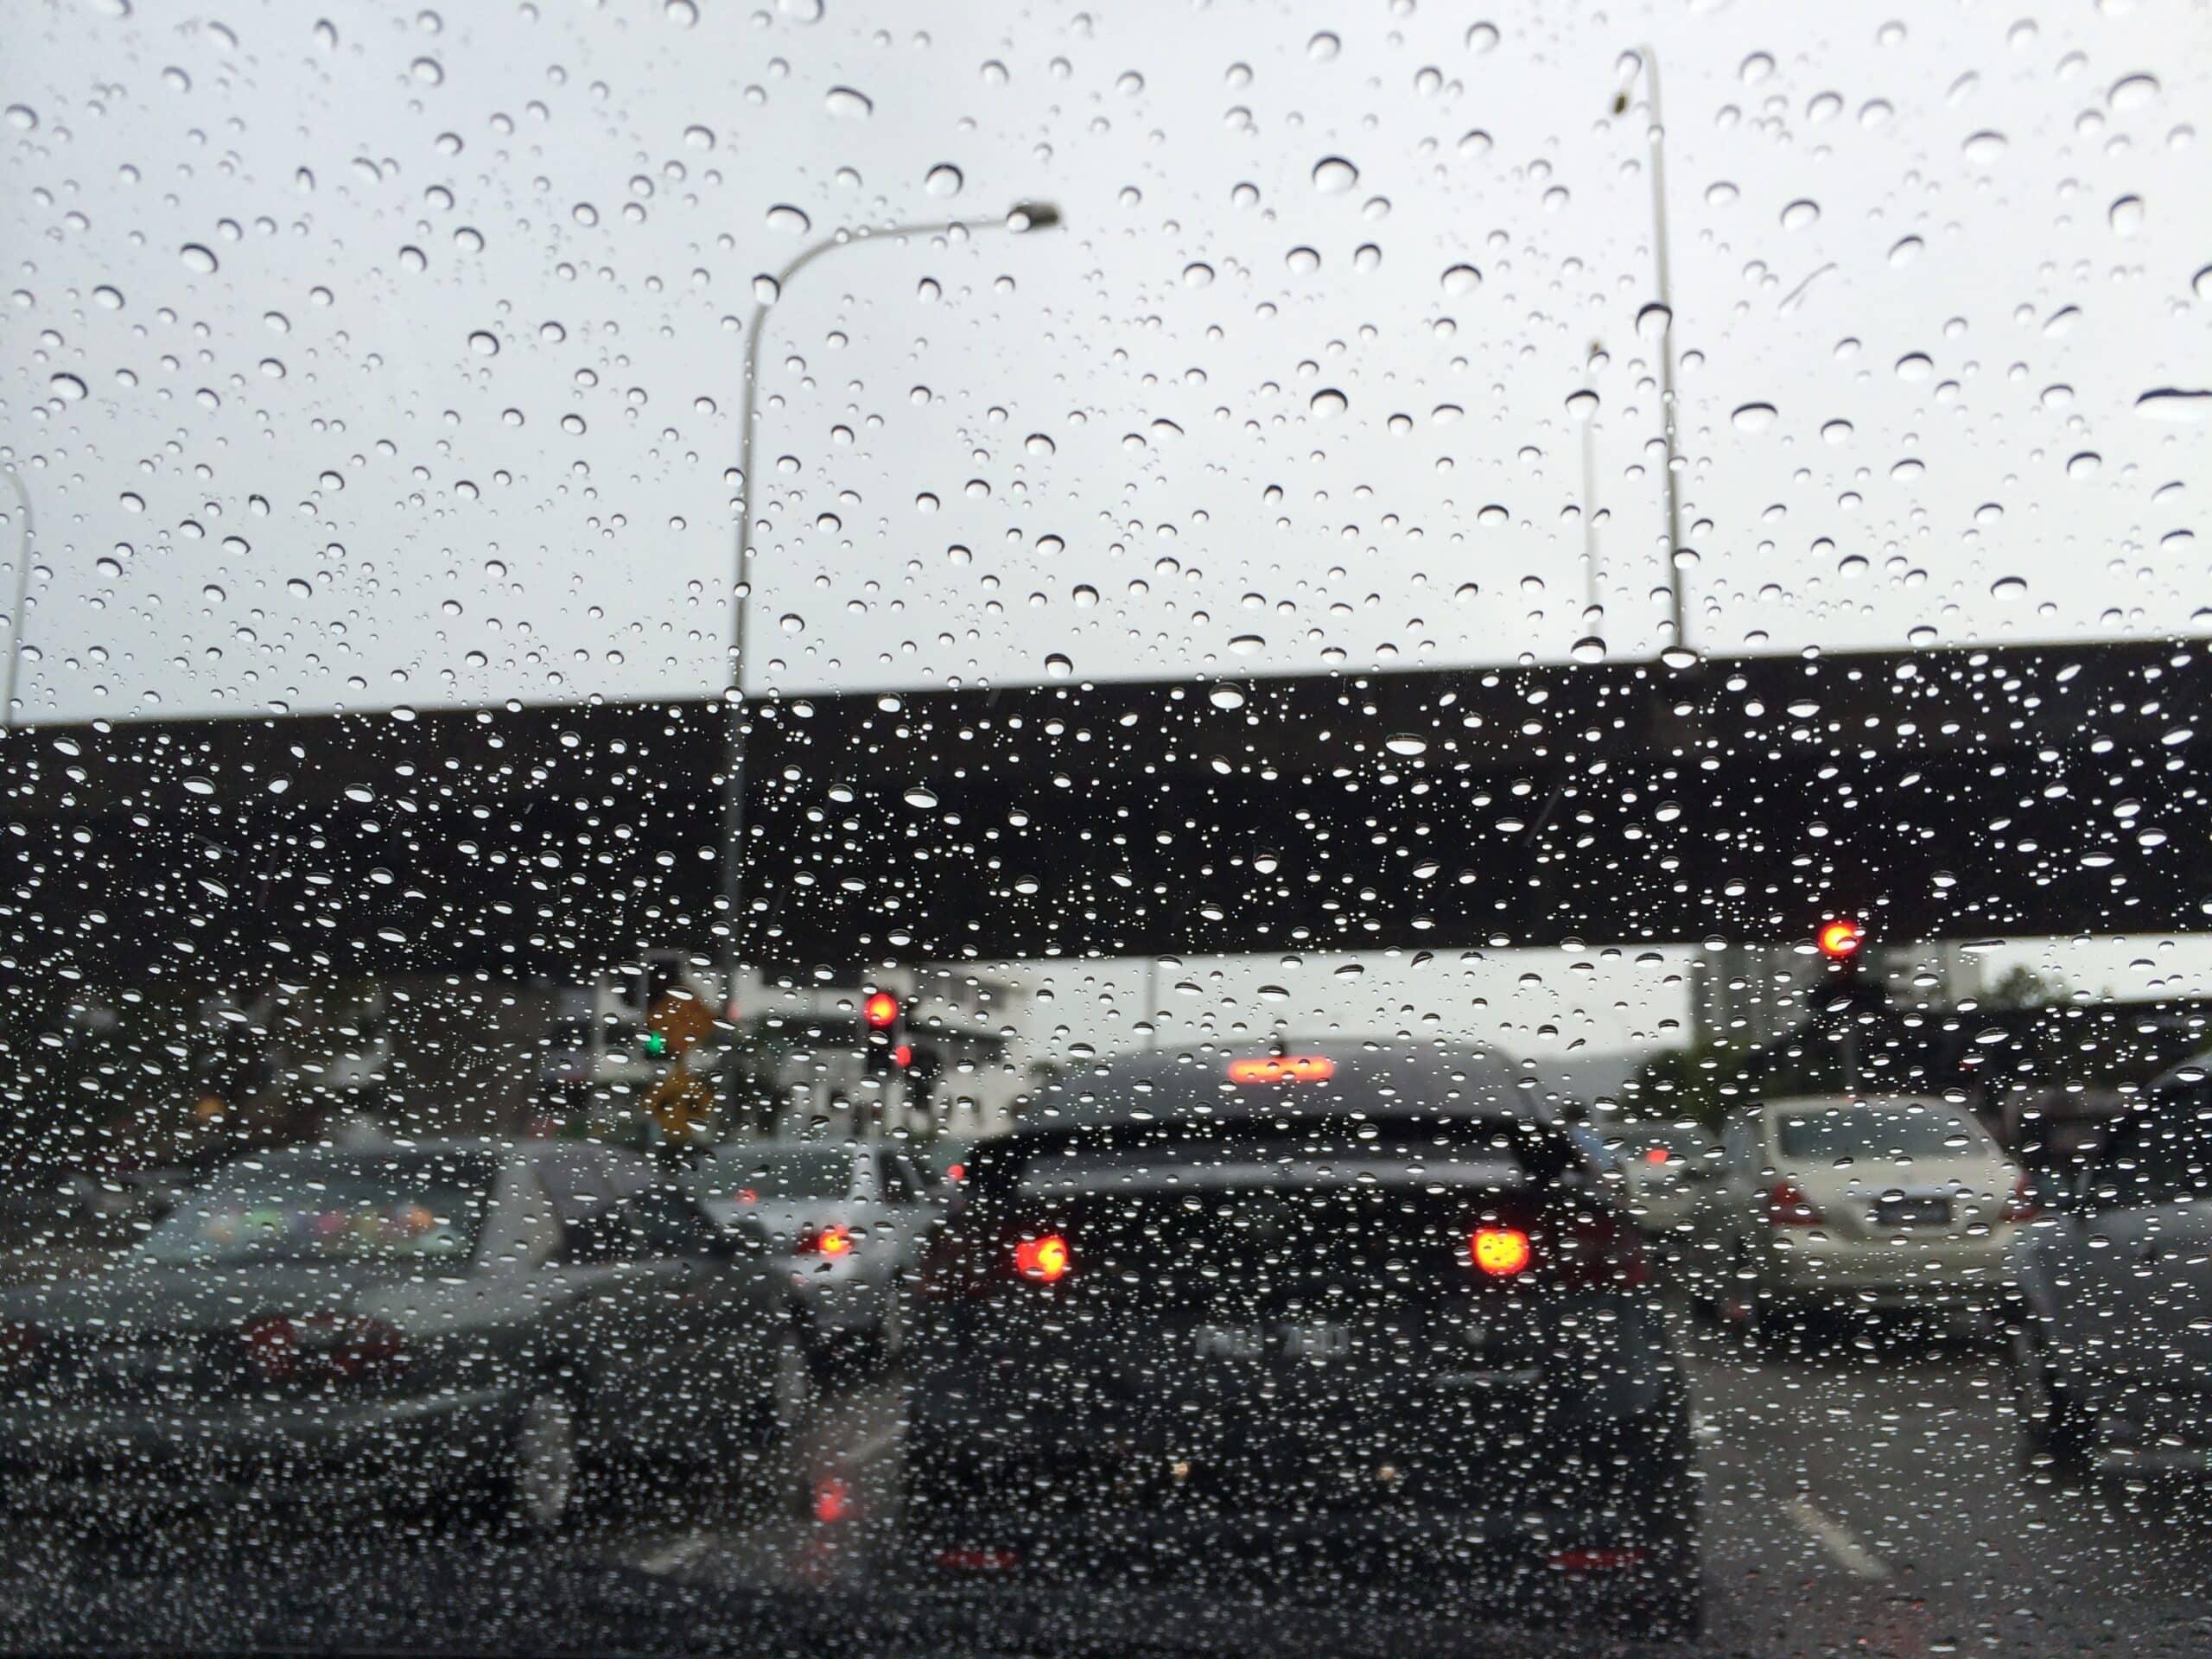 Hindari-Menggunakan-Mobil-Sehabis-Hujan